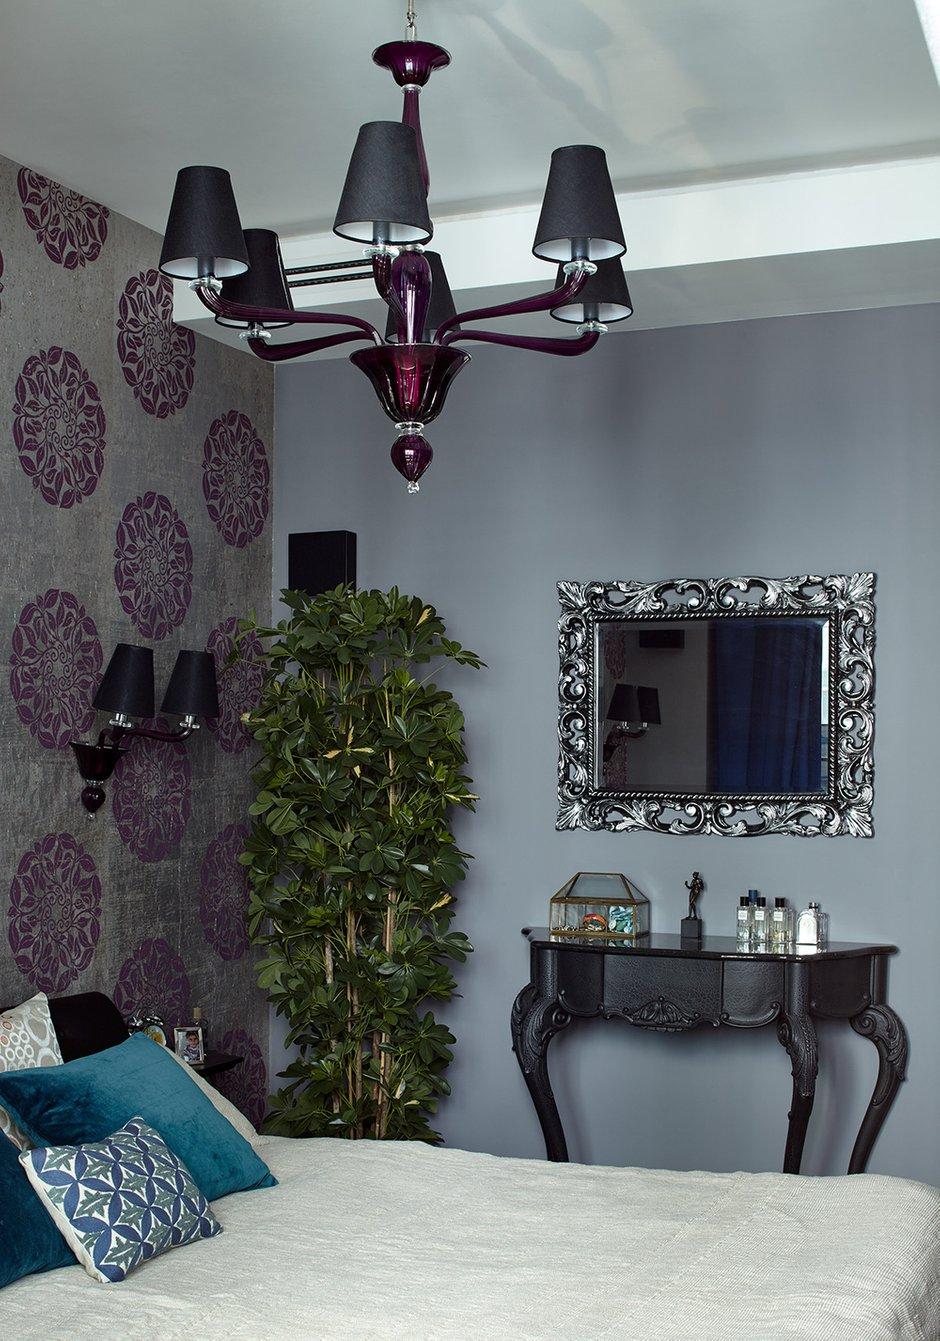 Фотография: Спальня в стиле Эклектика, Квартира, Проект недели, Москва, Елена Семенова – фото на INMYROOM